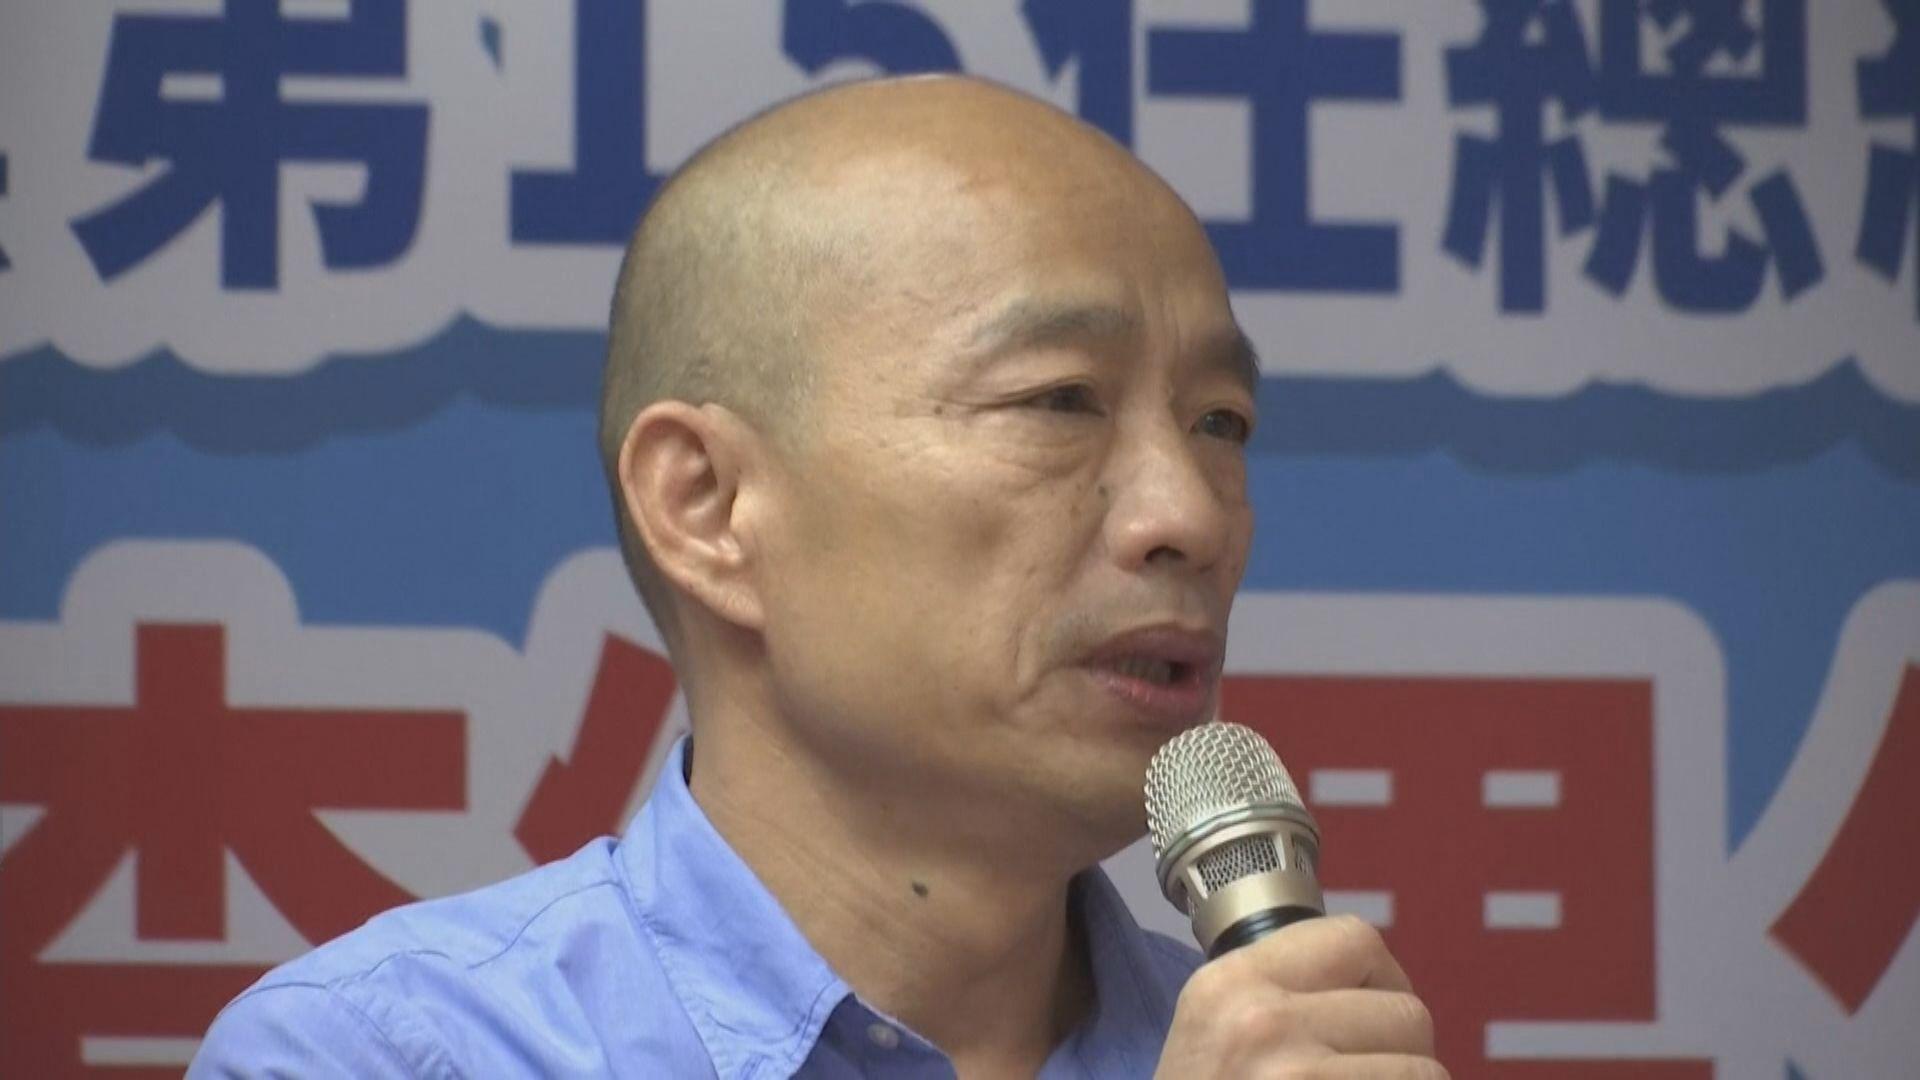 韓國瑜將代表國民黨參與明年總統選舉